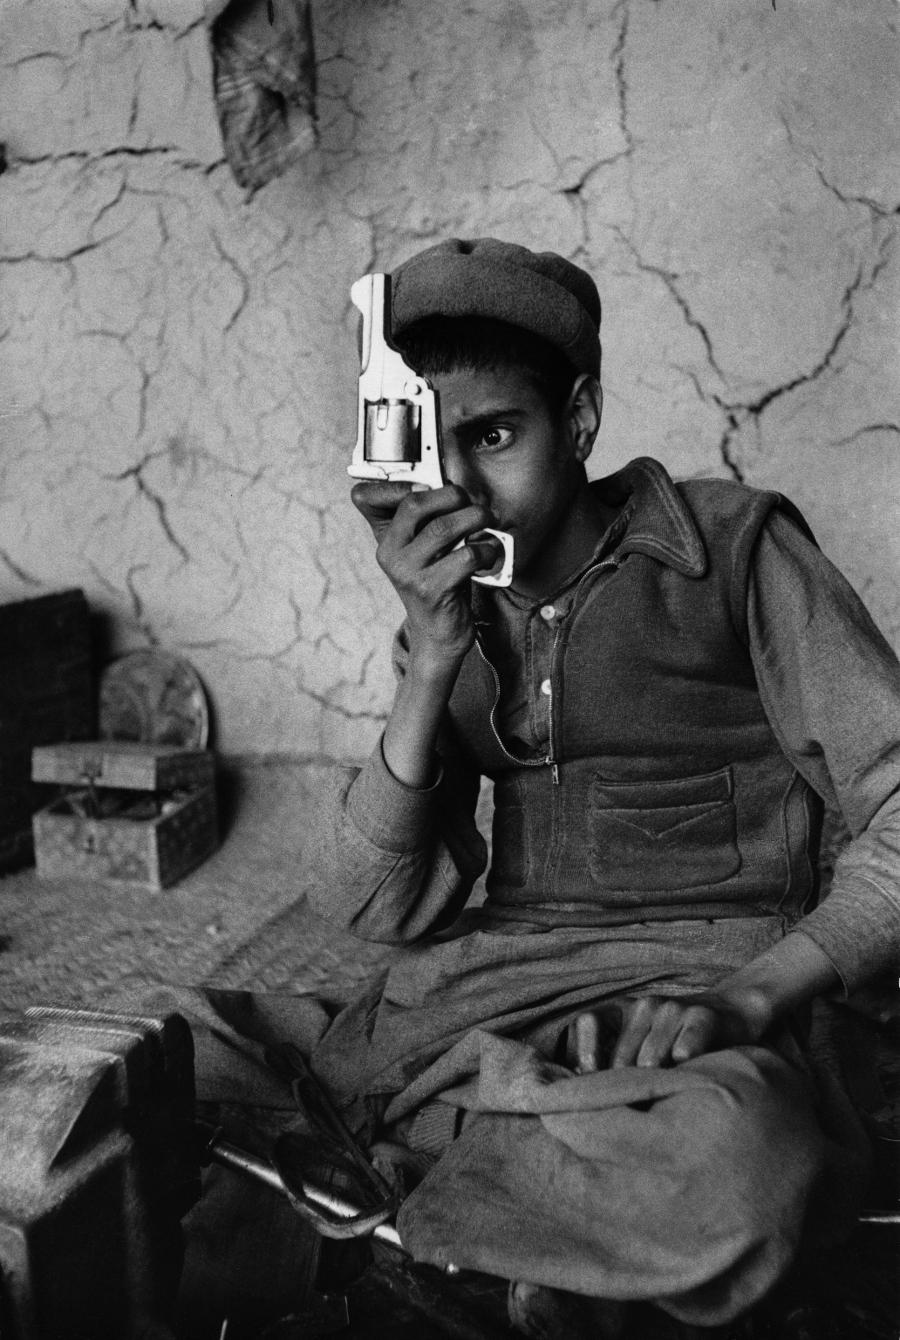 Fegyvergyár Kohatban az afgán határ közelében, Pakisztán, 1956.jpg